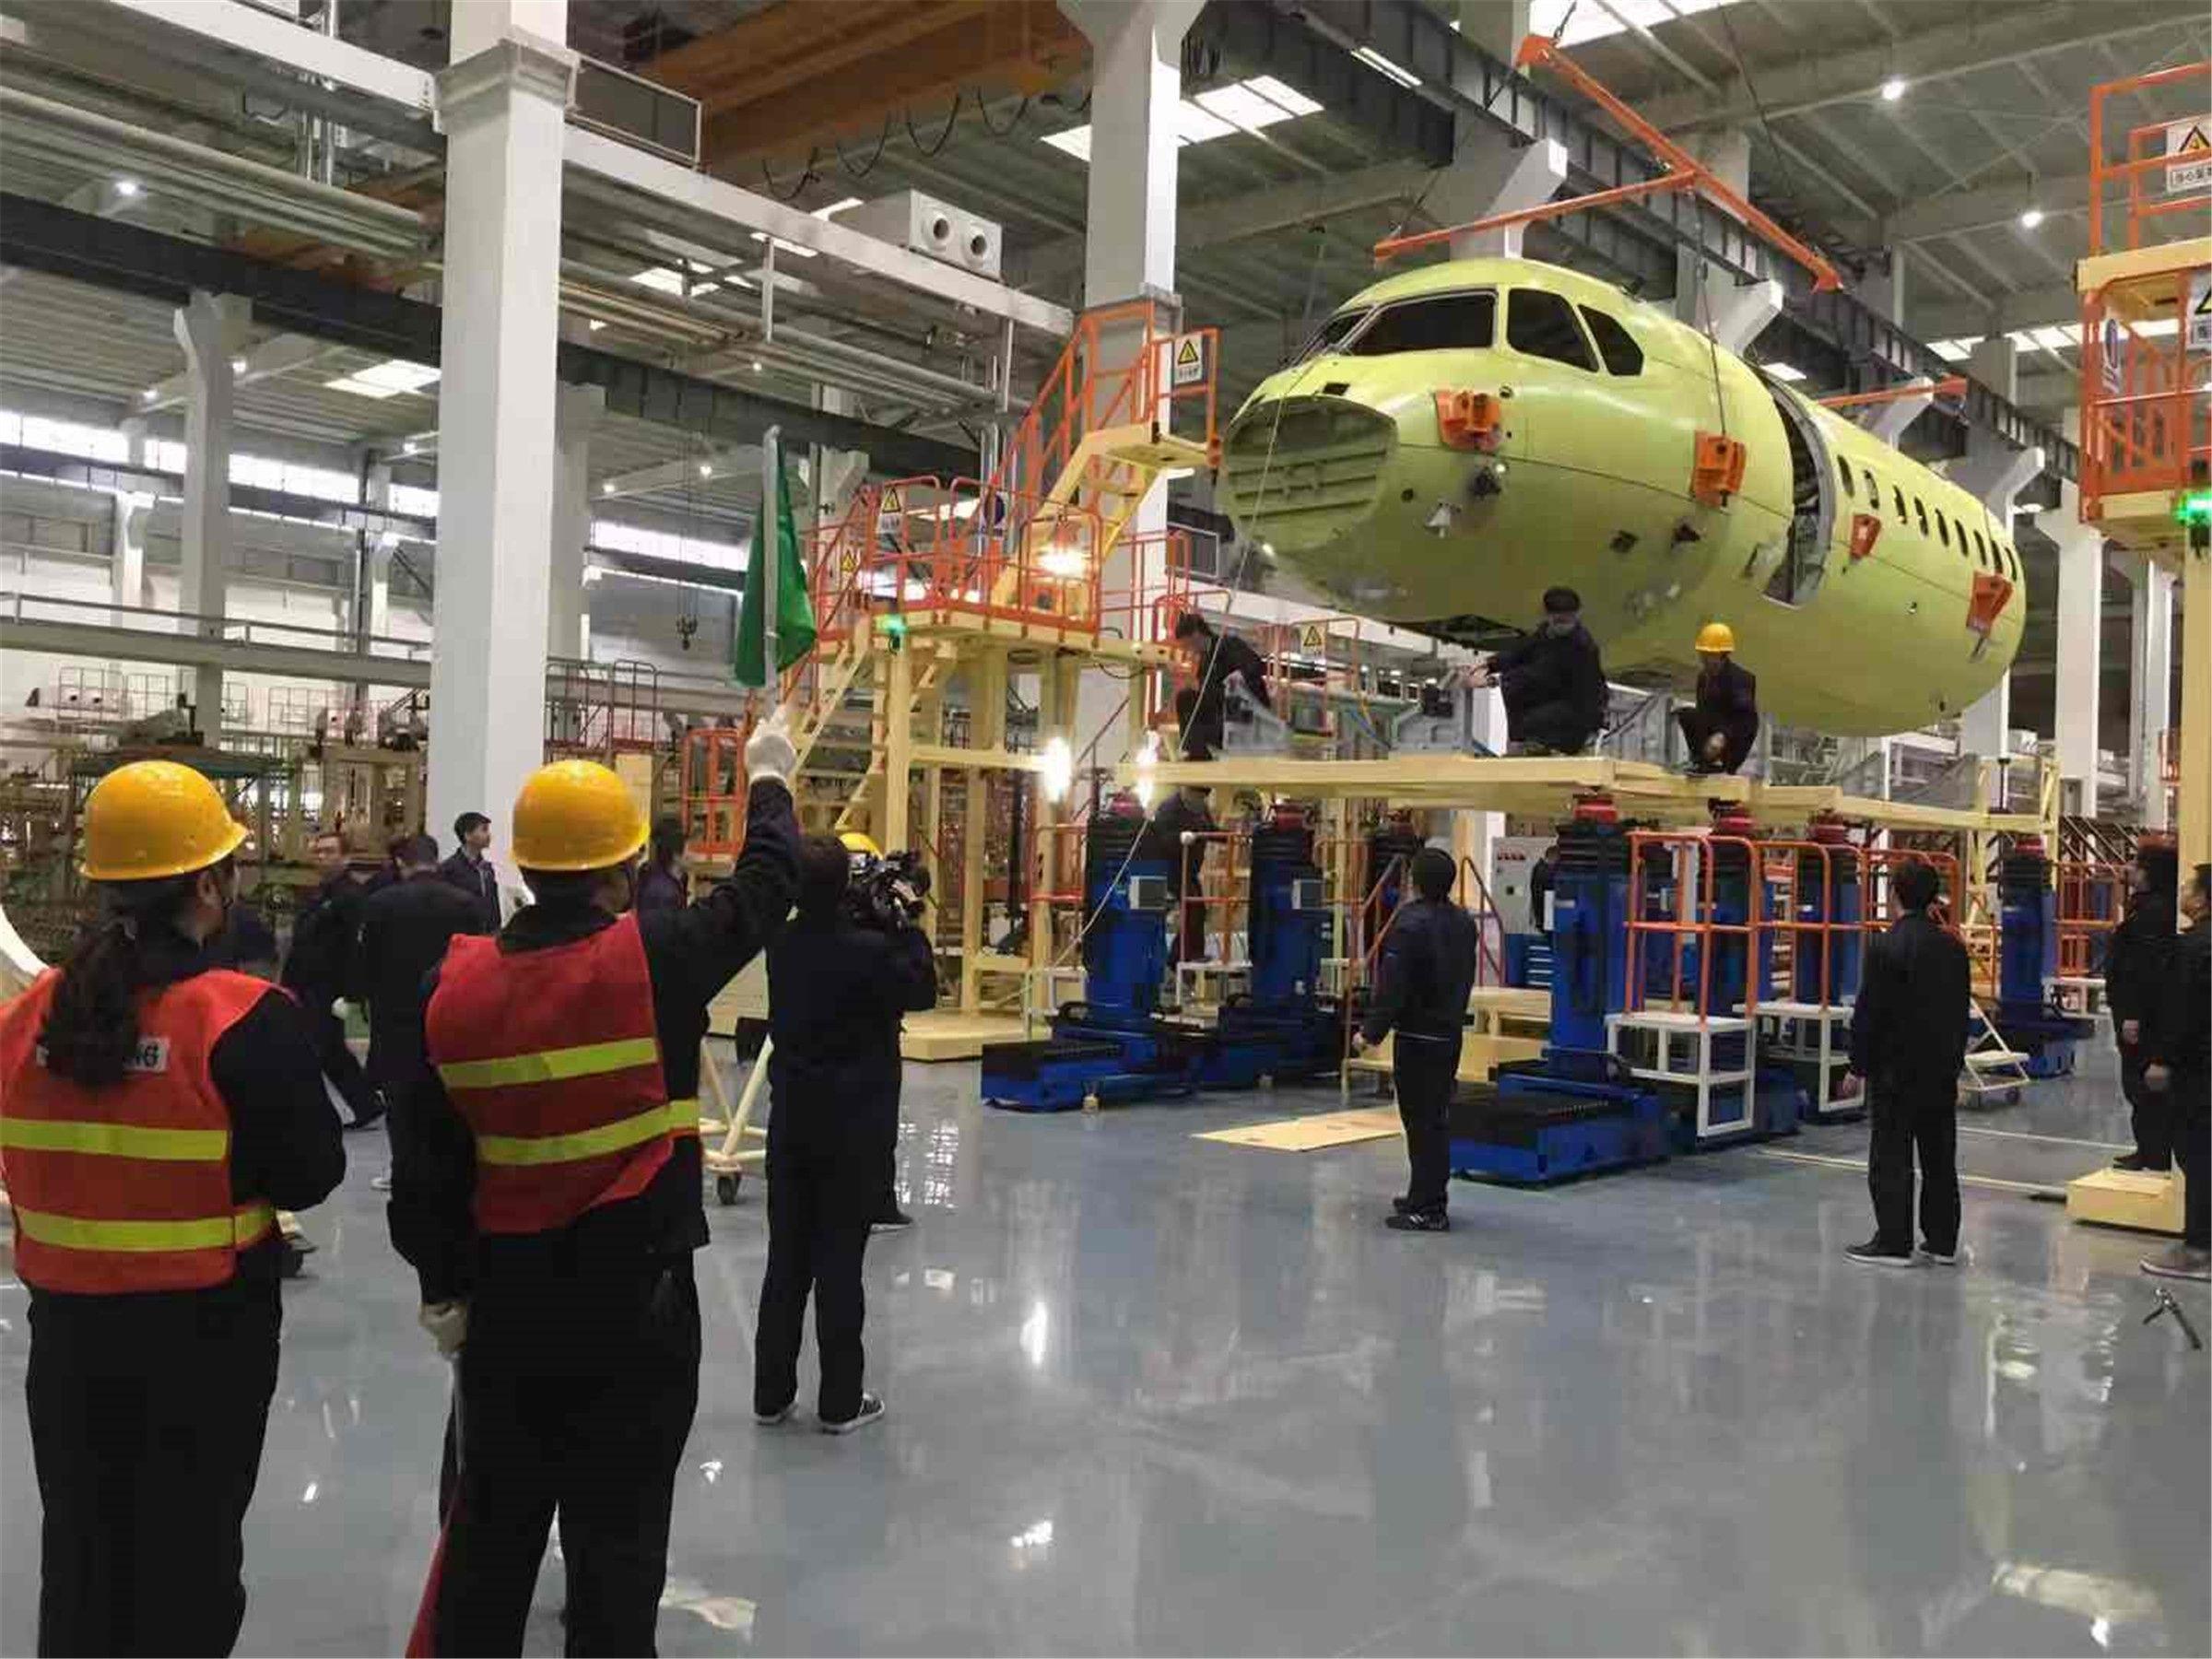 10月31日,新舟700首飞飞机机身前段在陕飞下架          西飞民机供图